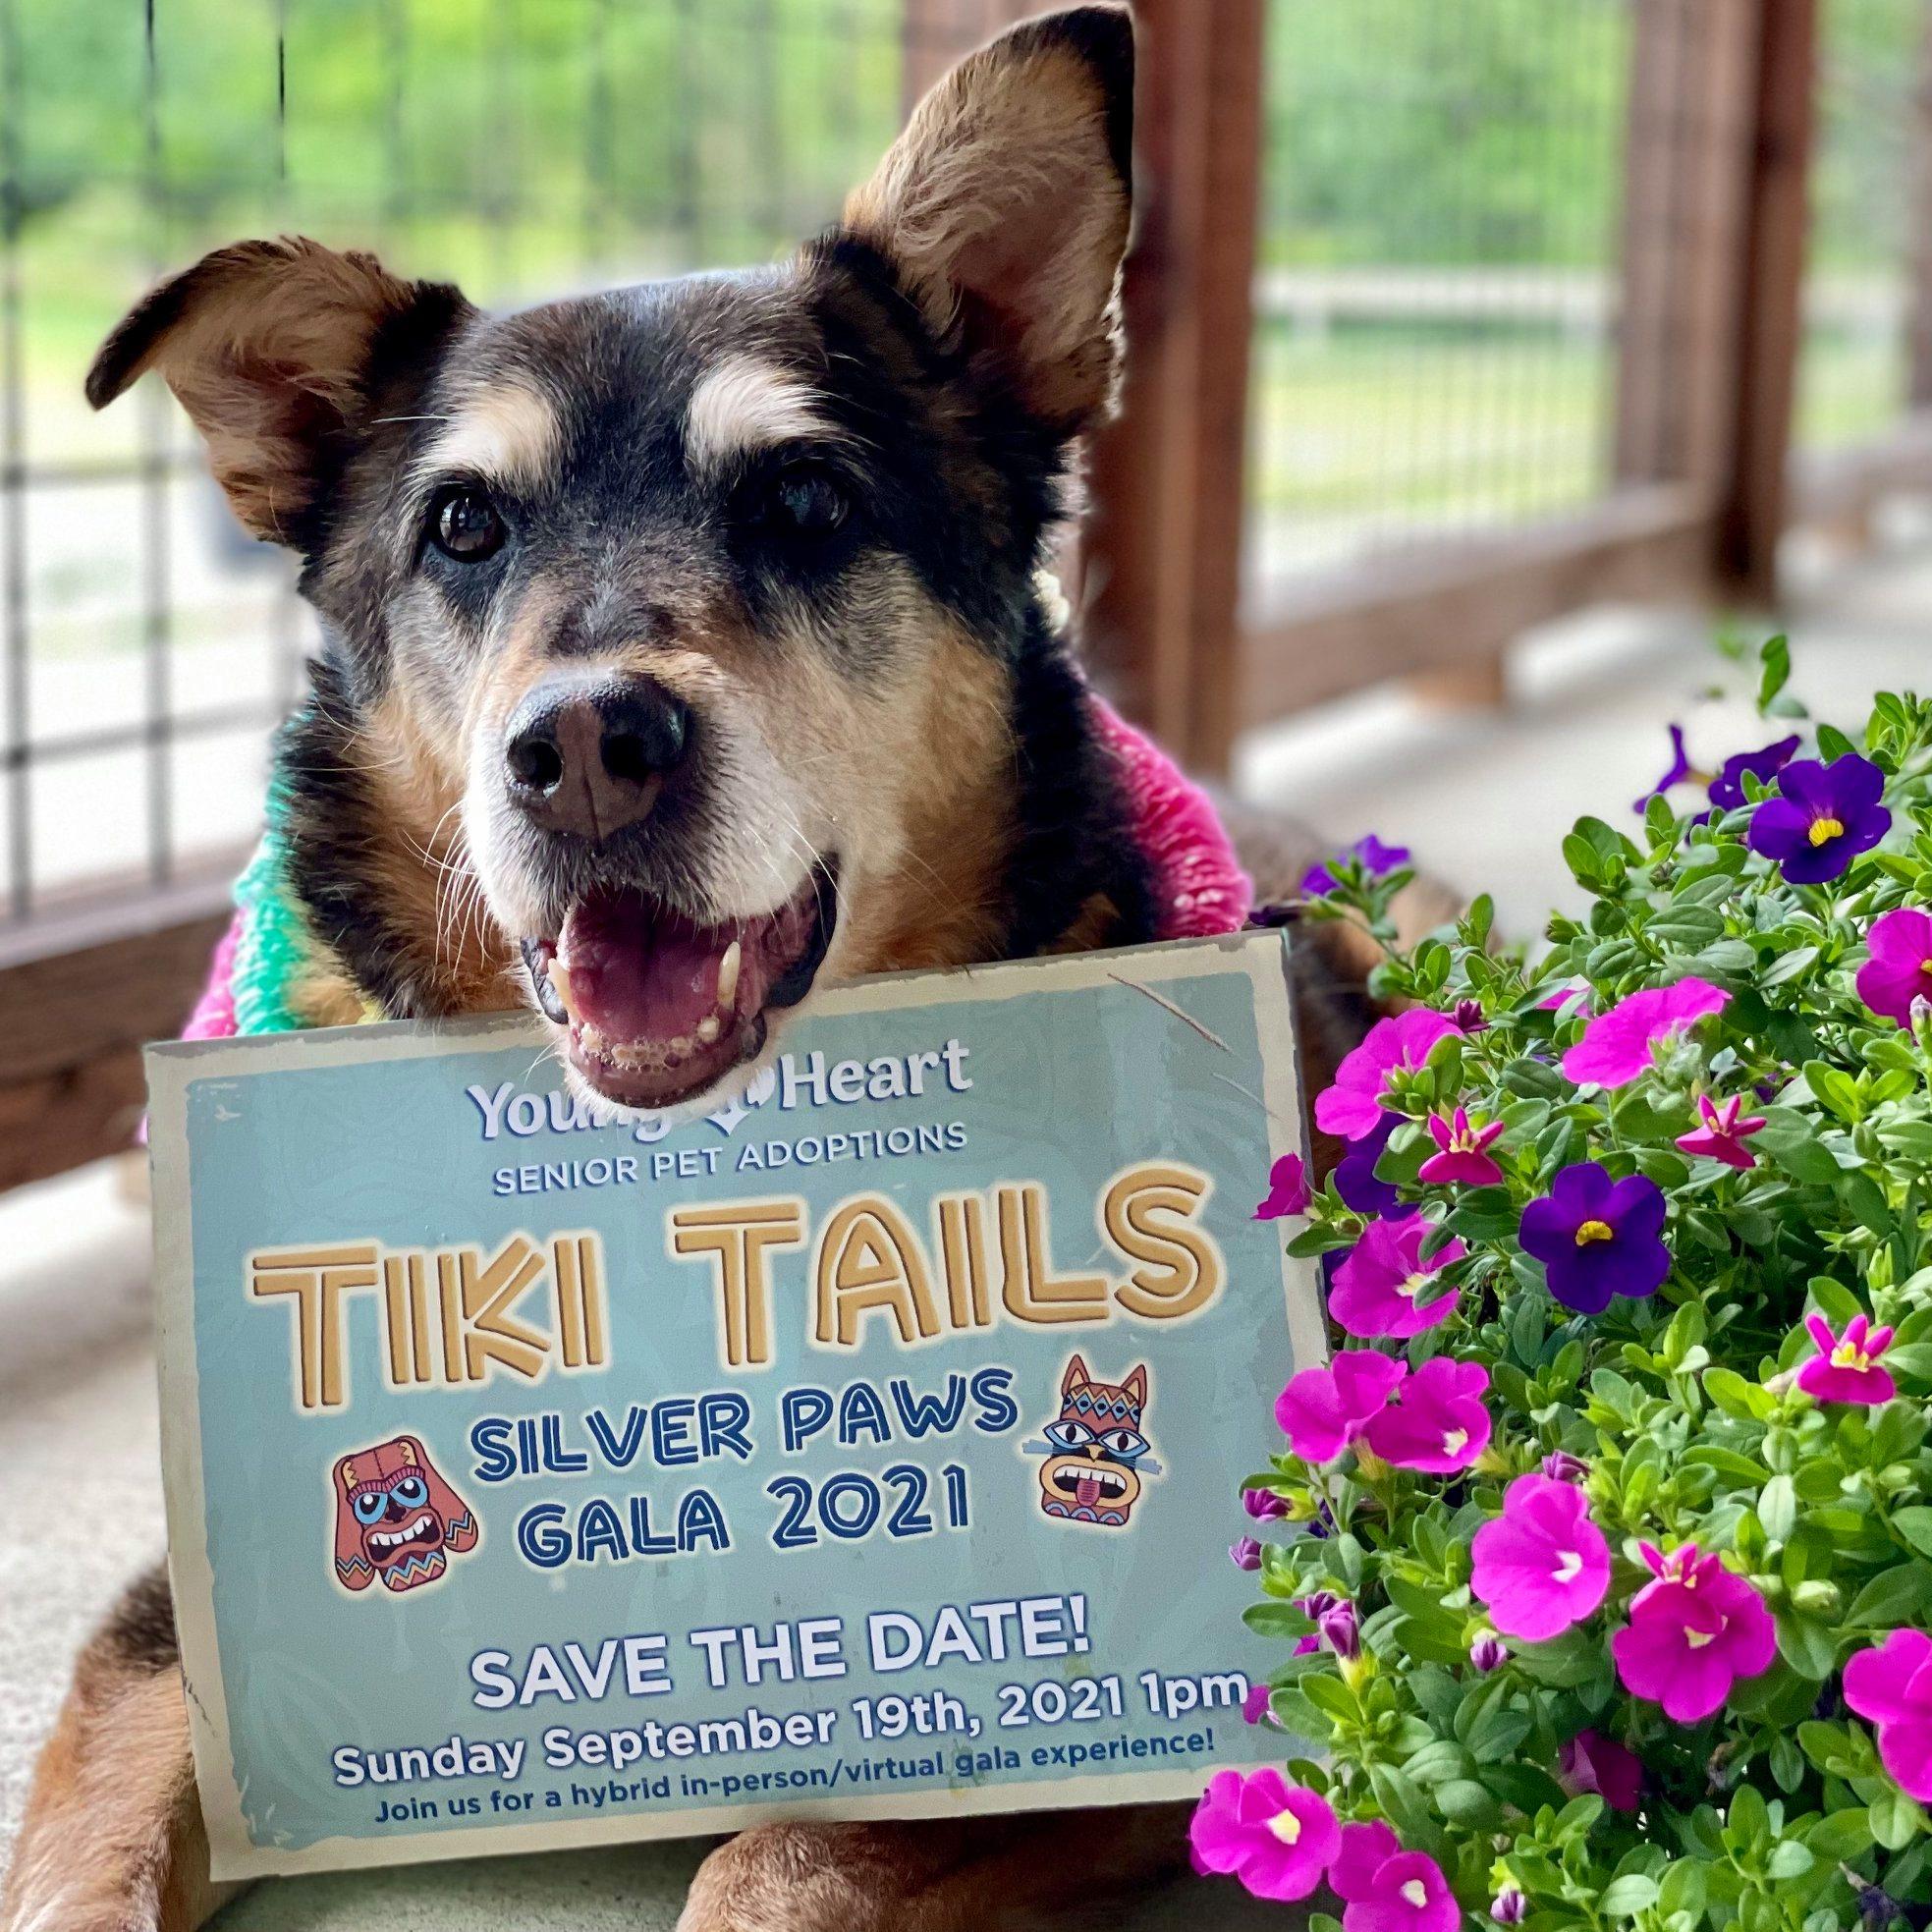 Tiki Tails Gala 2021